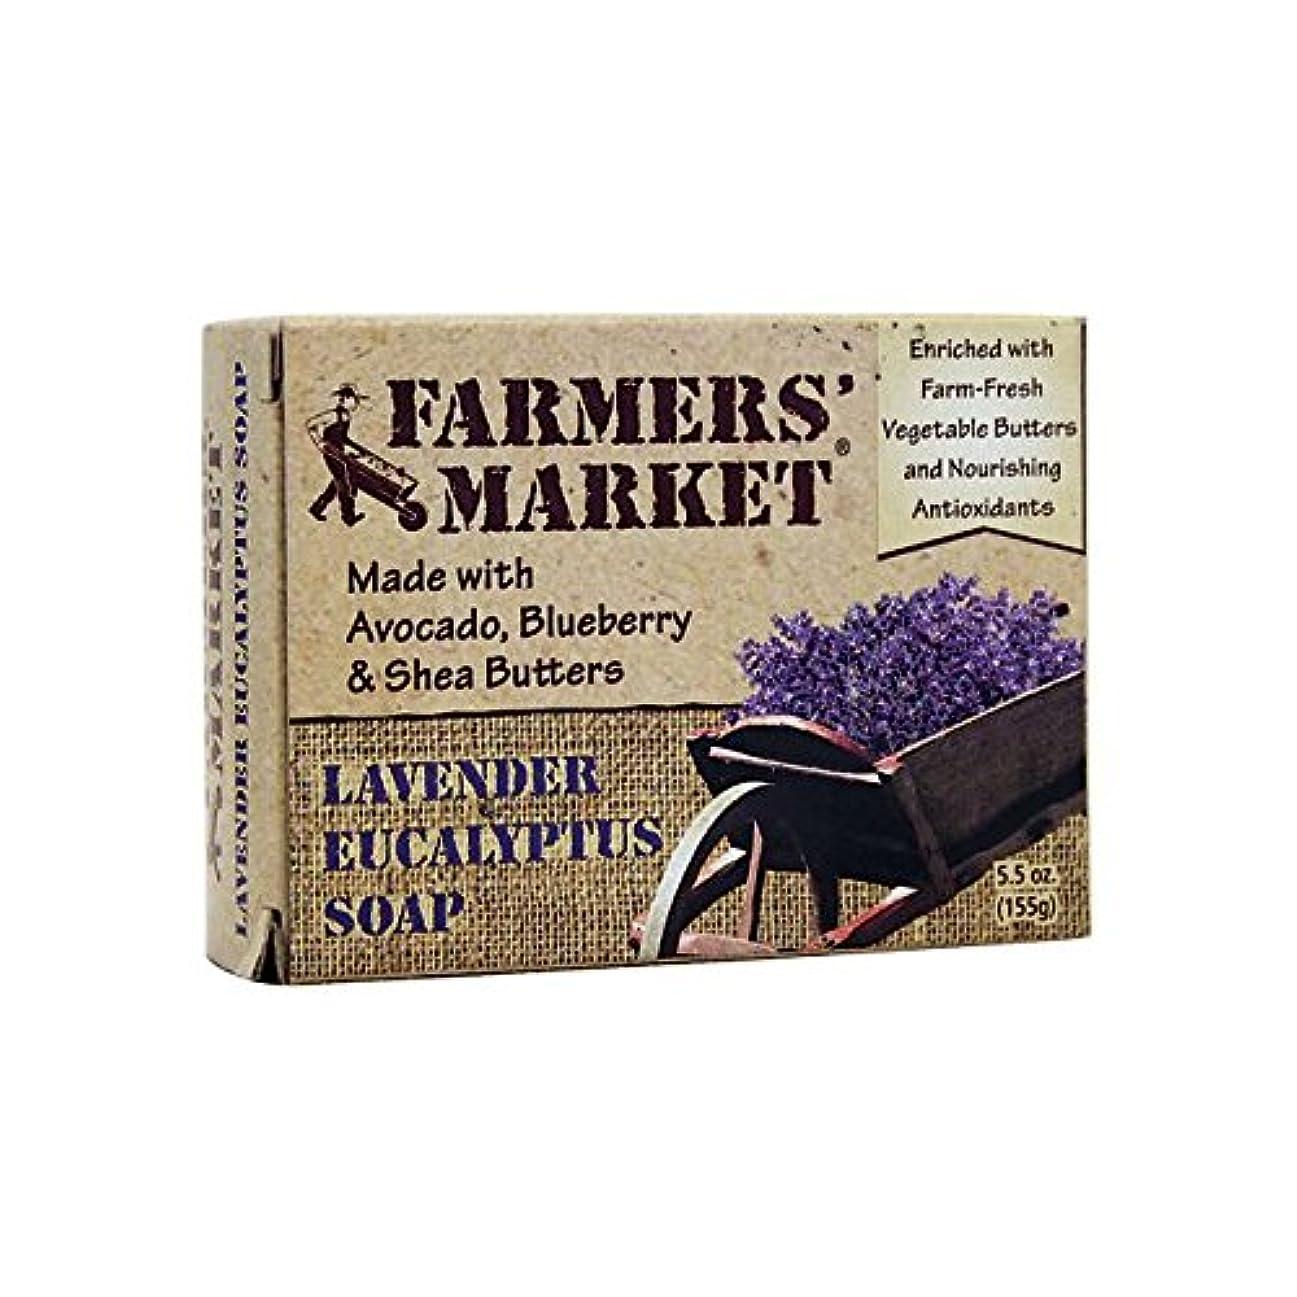 楽しむ月曜黙認するFarmers' Market Soaps, Lavender Eucalyptus Soap, 5.5 oz (155 g) (Discontinued Item)